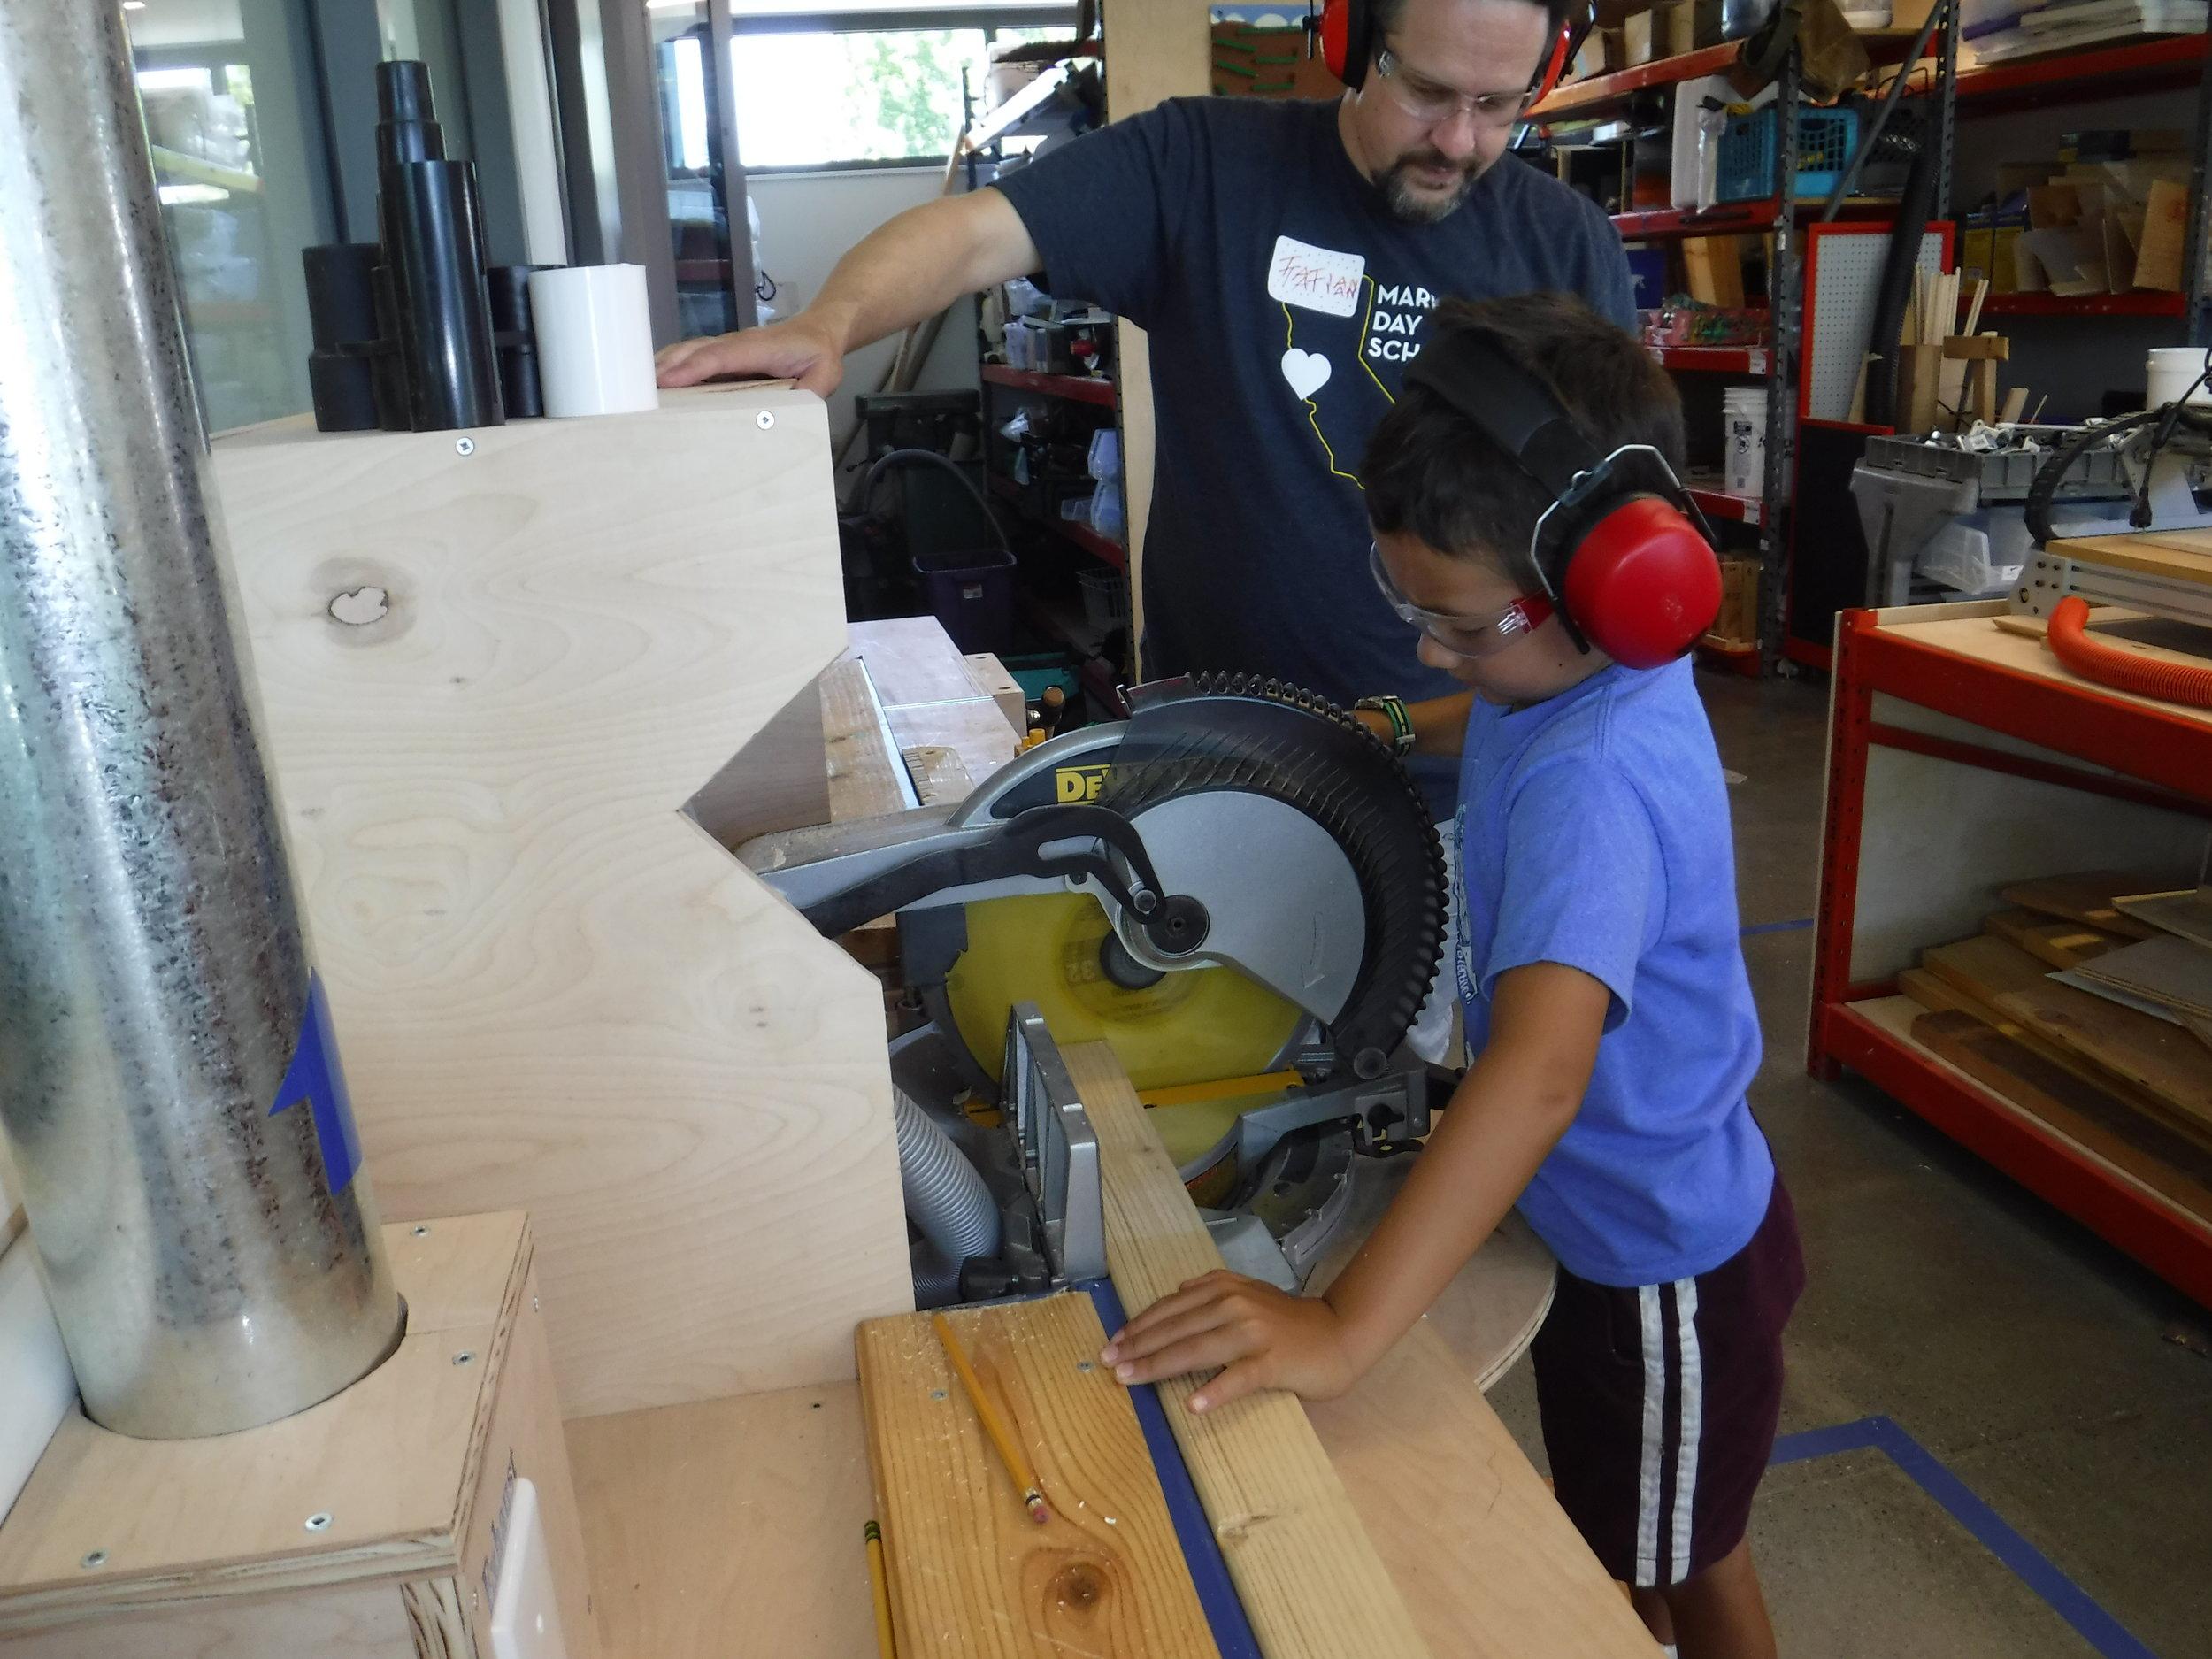 Cutting rollercoaster rails on the chop saw